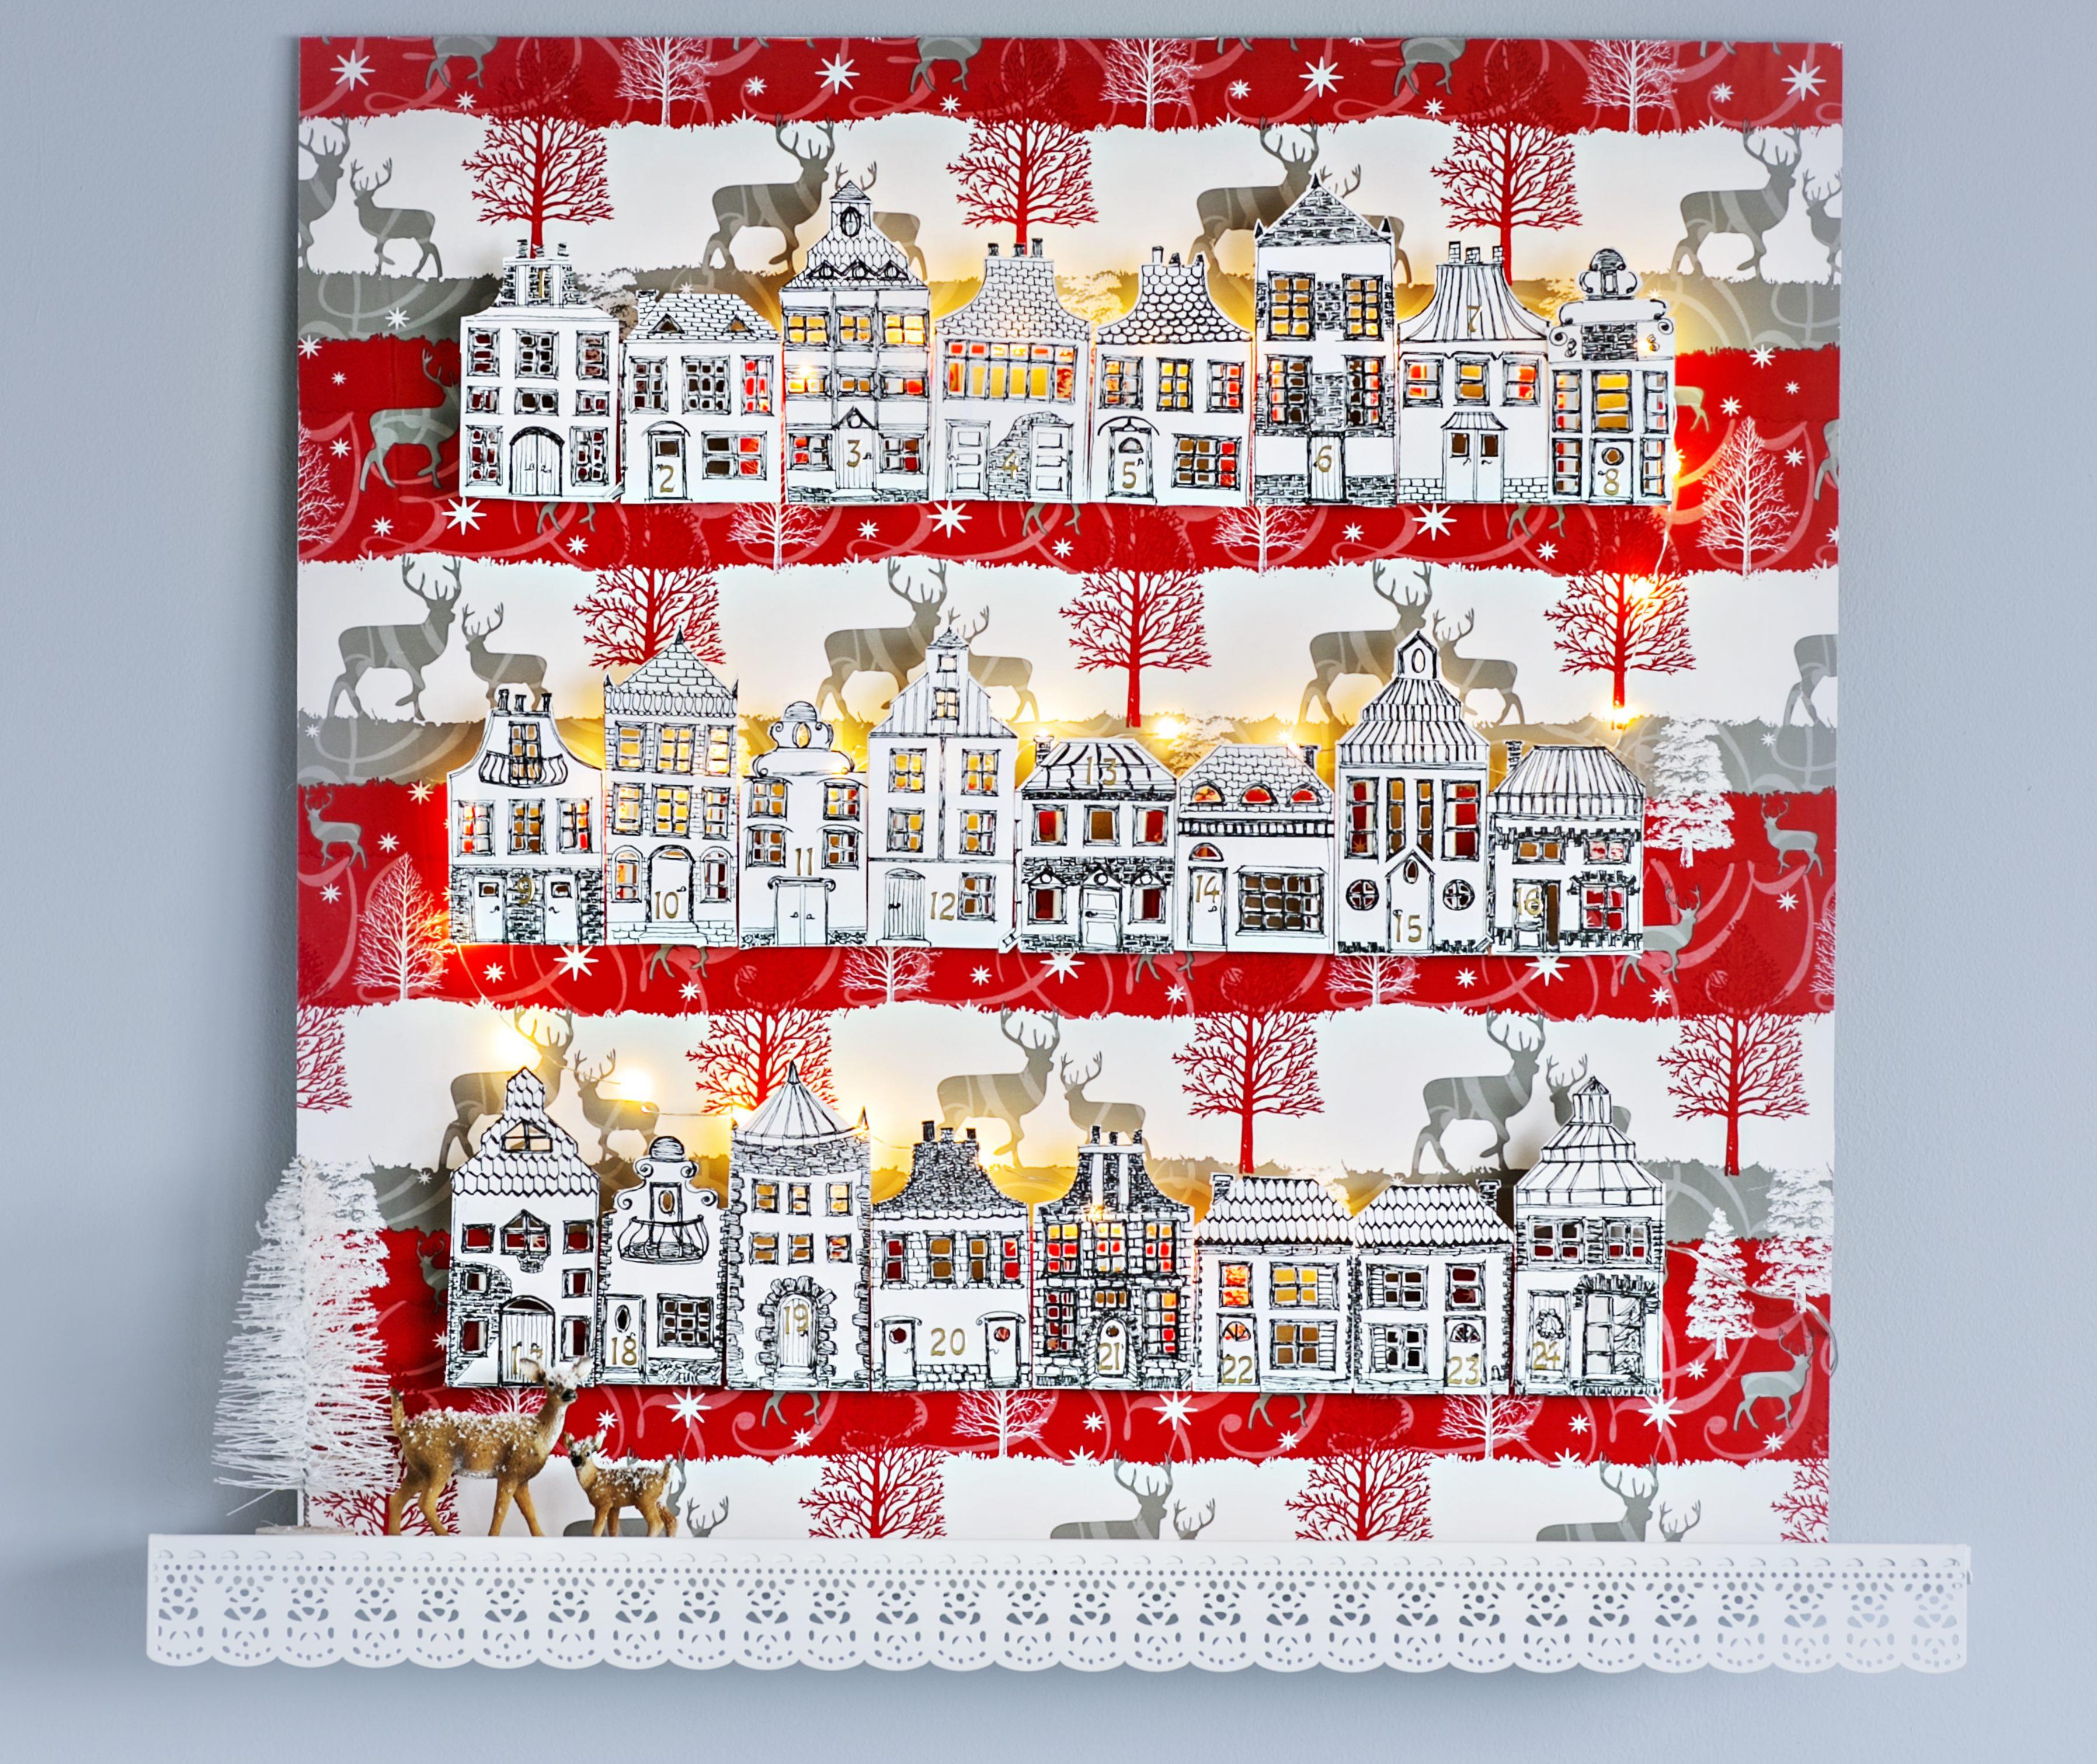 Tilaa Varustelekan tökkö joulukalenteri sähköpostiisi!